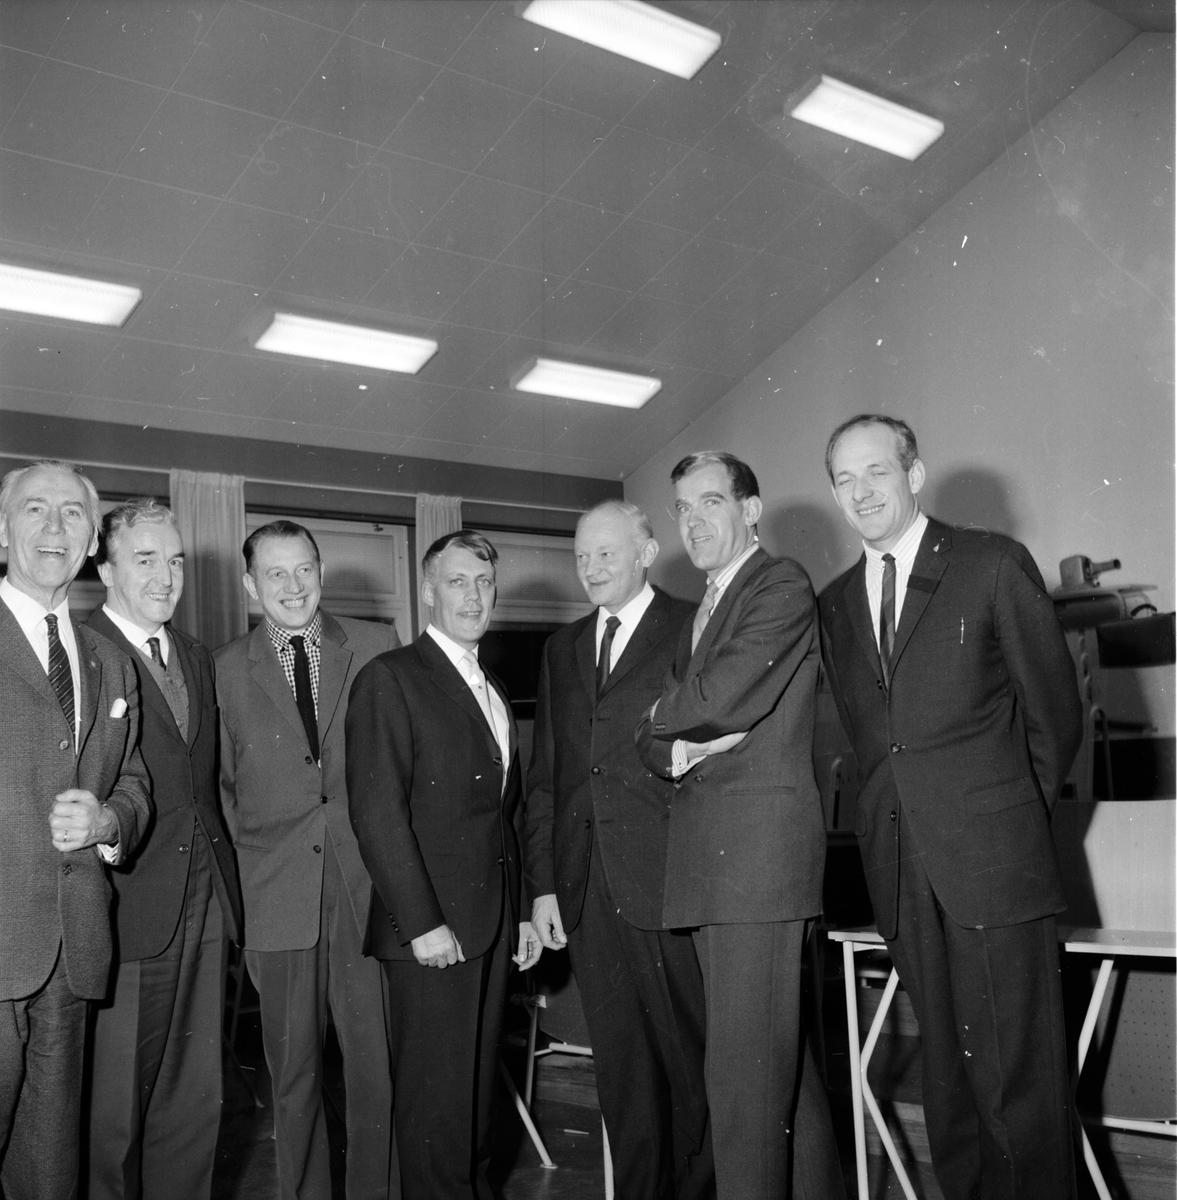 Ungdomskonferens i Bollnäs, Ungdomsstyrelsen, 4 December 1964